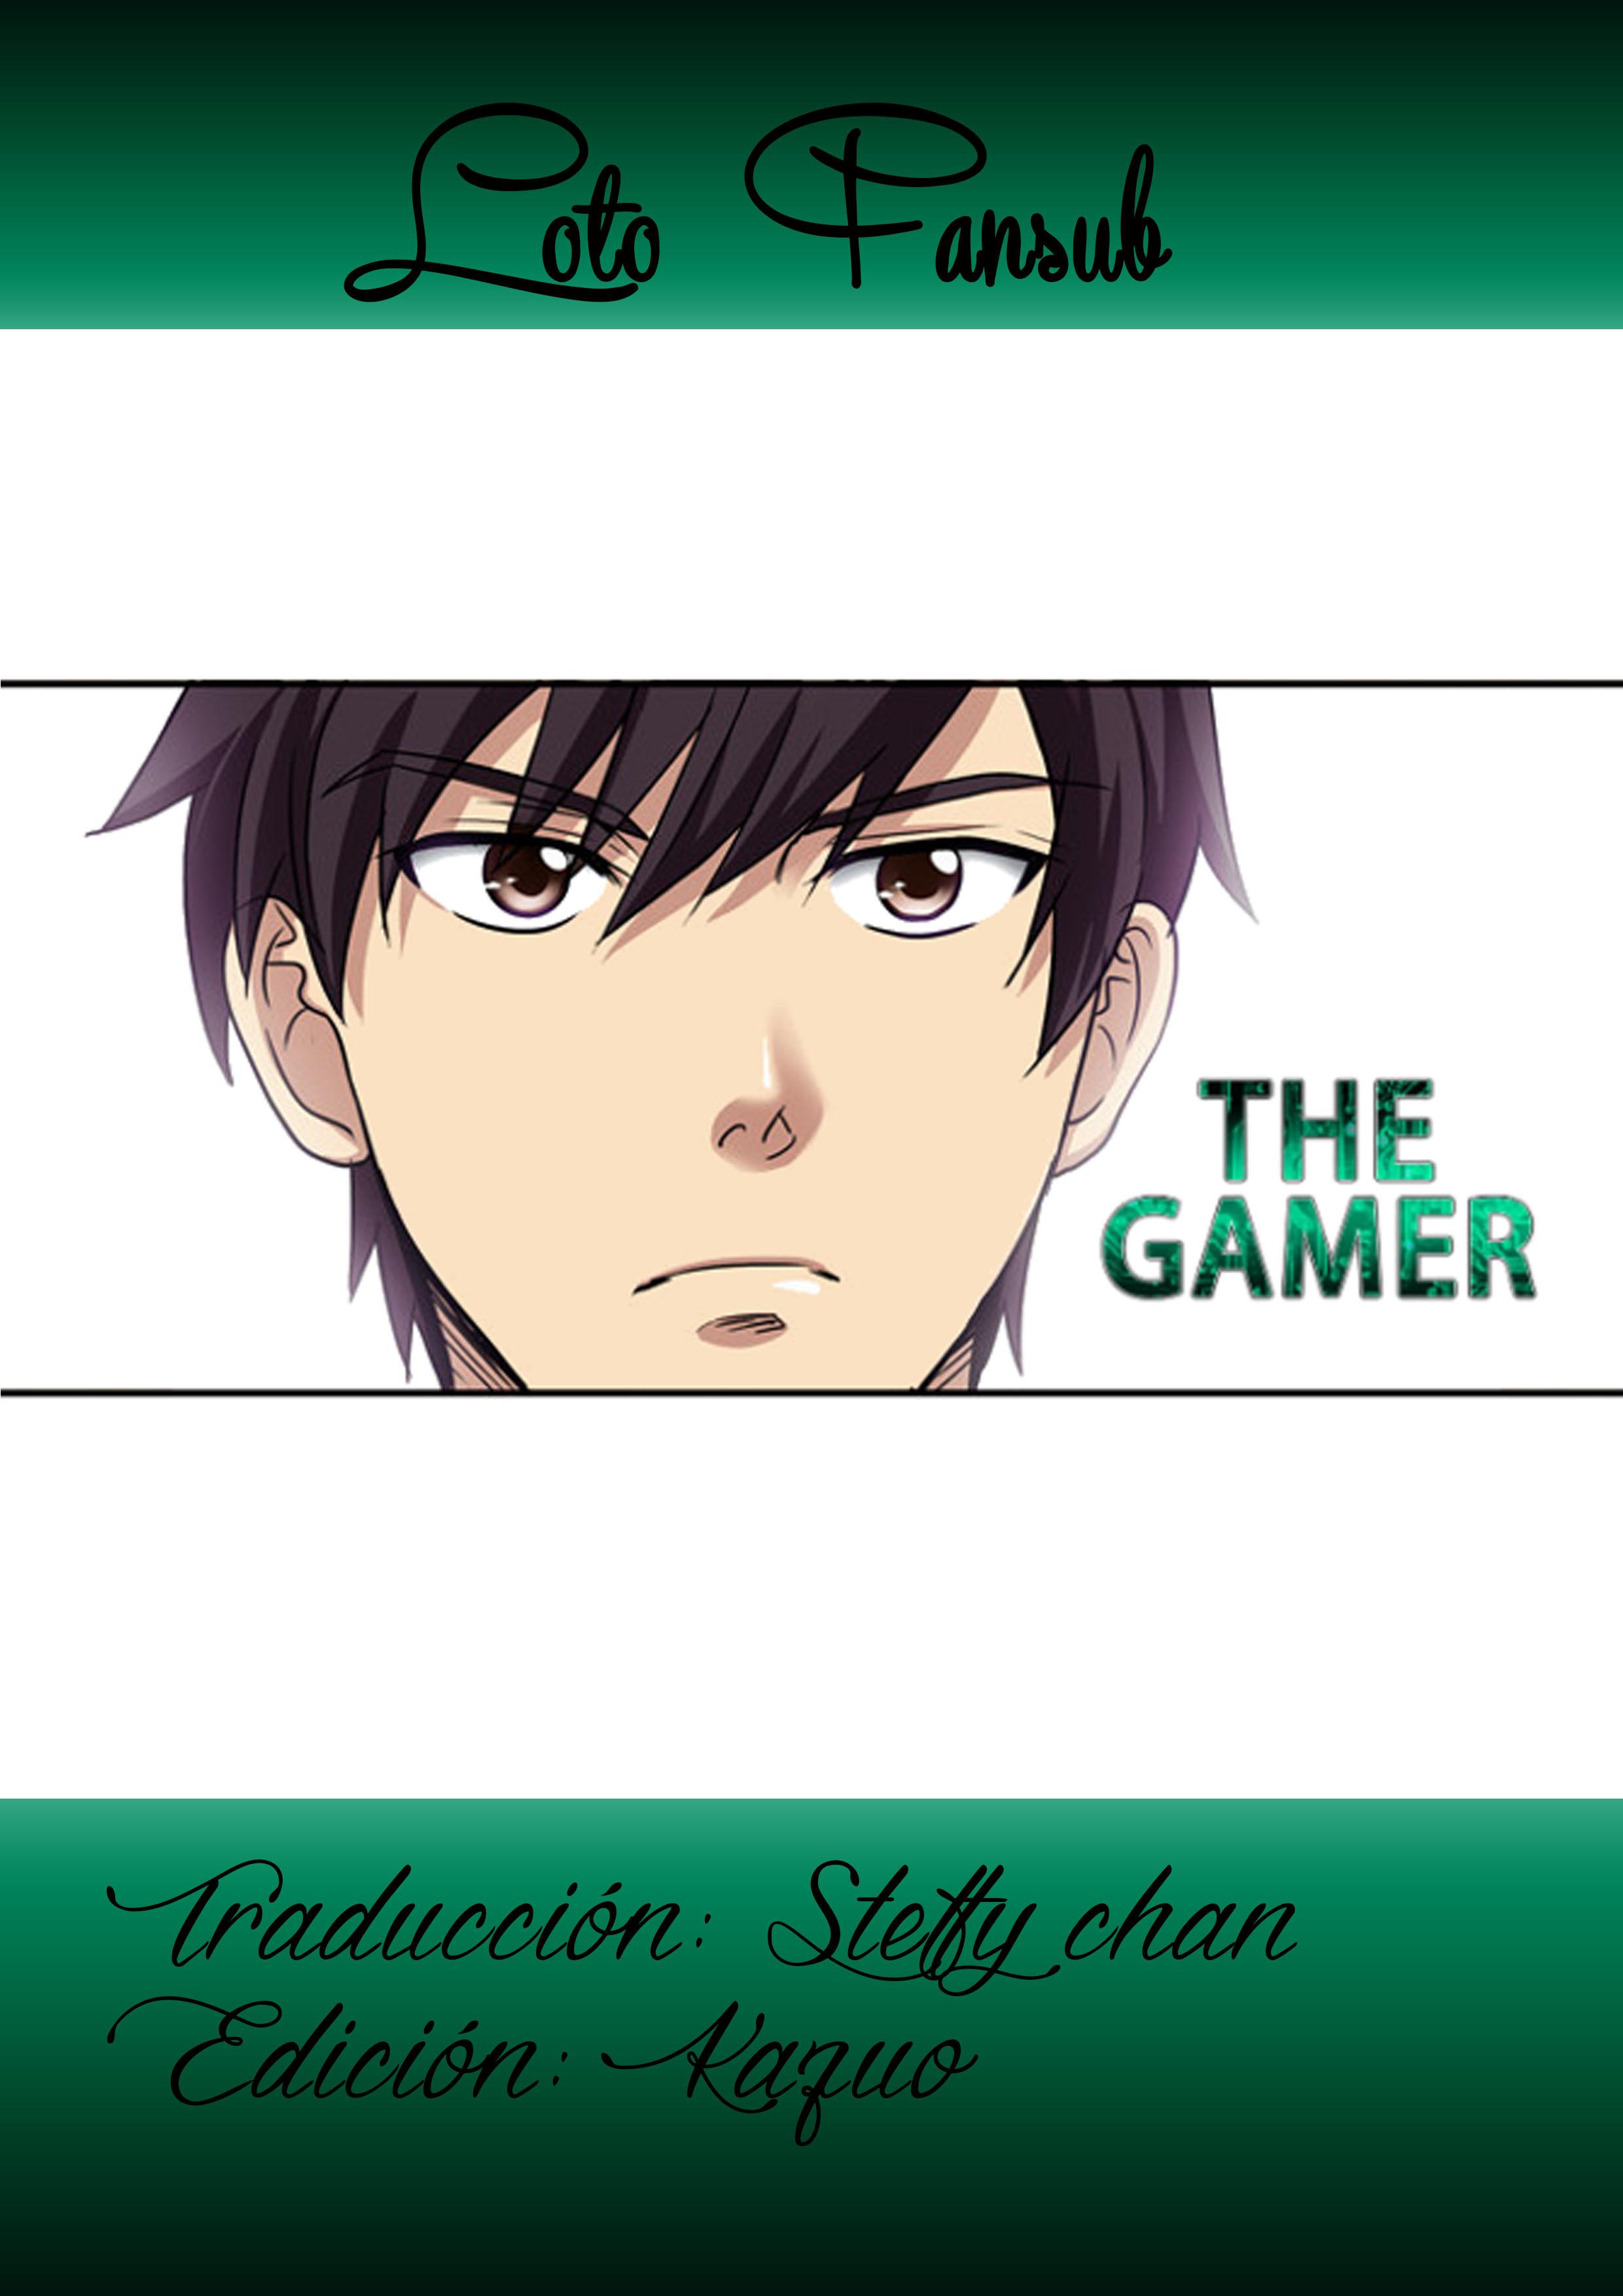 https://c5.ninemanga.com/es_manga/61/1725/434275/c76bc51d0f3ea1bcf59f0a537d213654.jpg Page 1